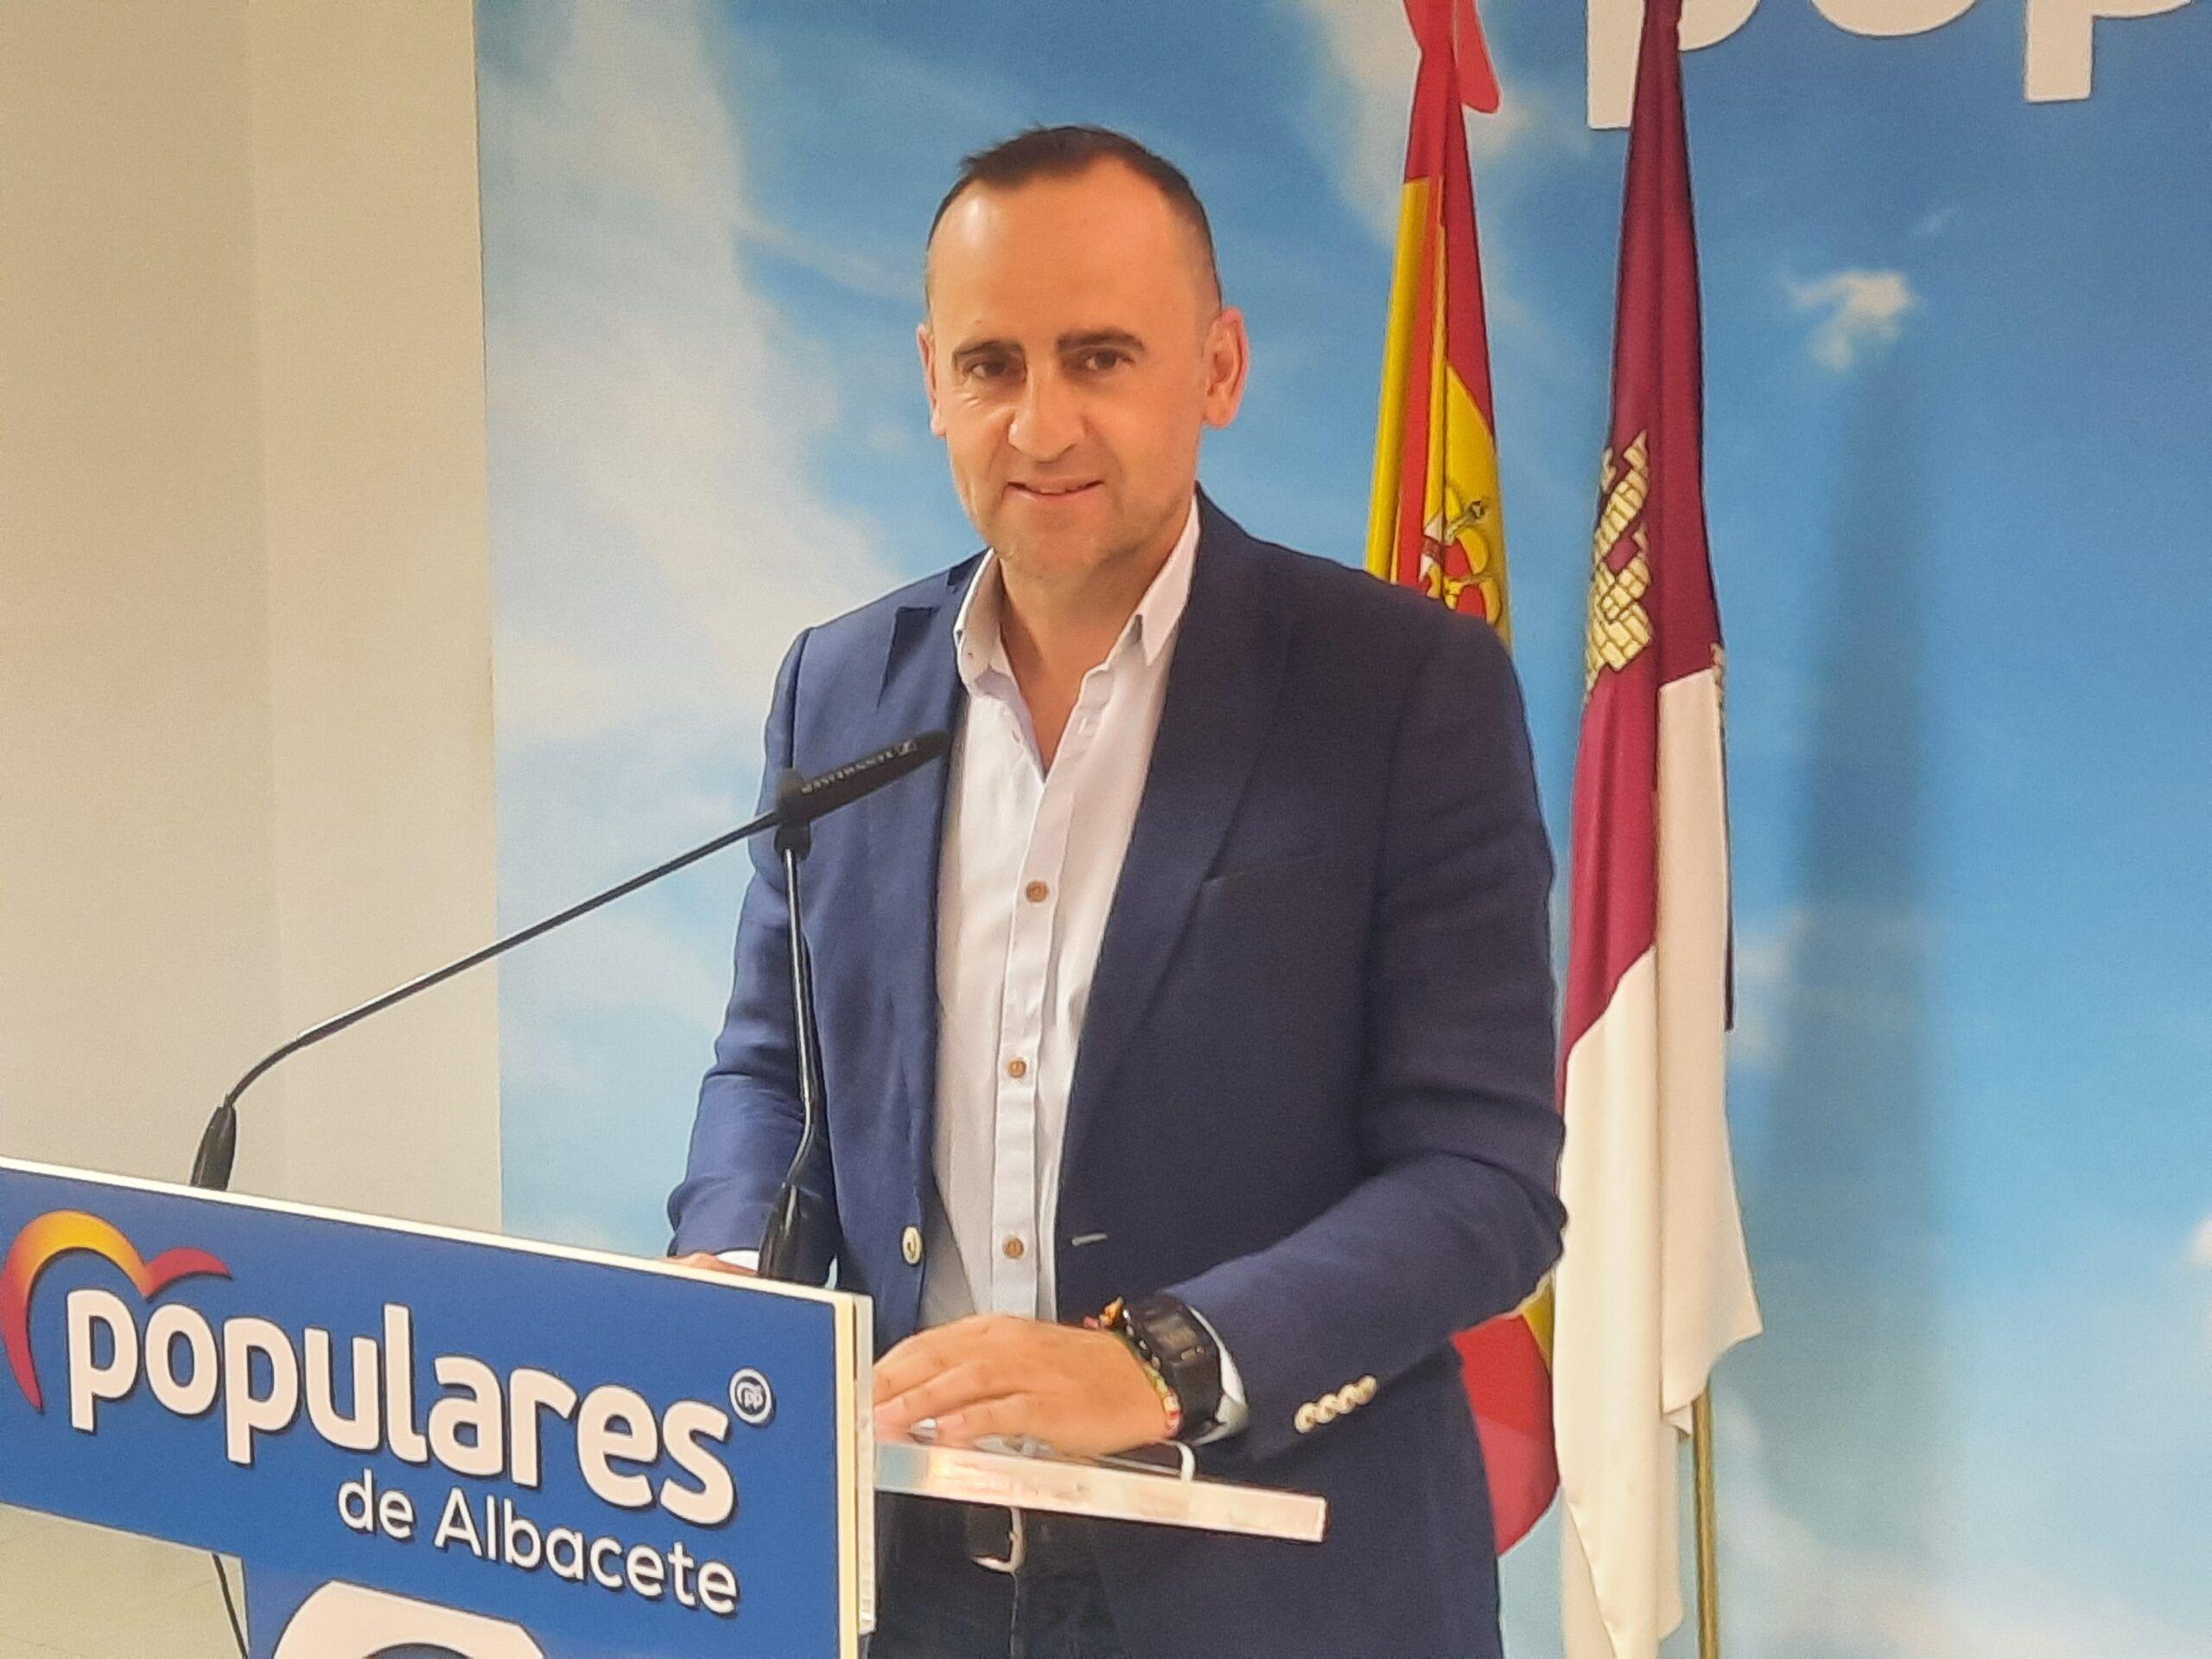 Fermín Gómez destaca la propuesta de Paco Núñez para reordenar el marco impositivo regional frente a la presión fiscal de Page y Pedro Sánchez